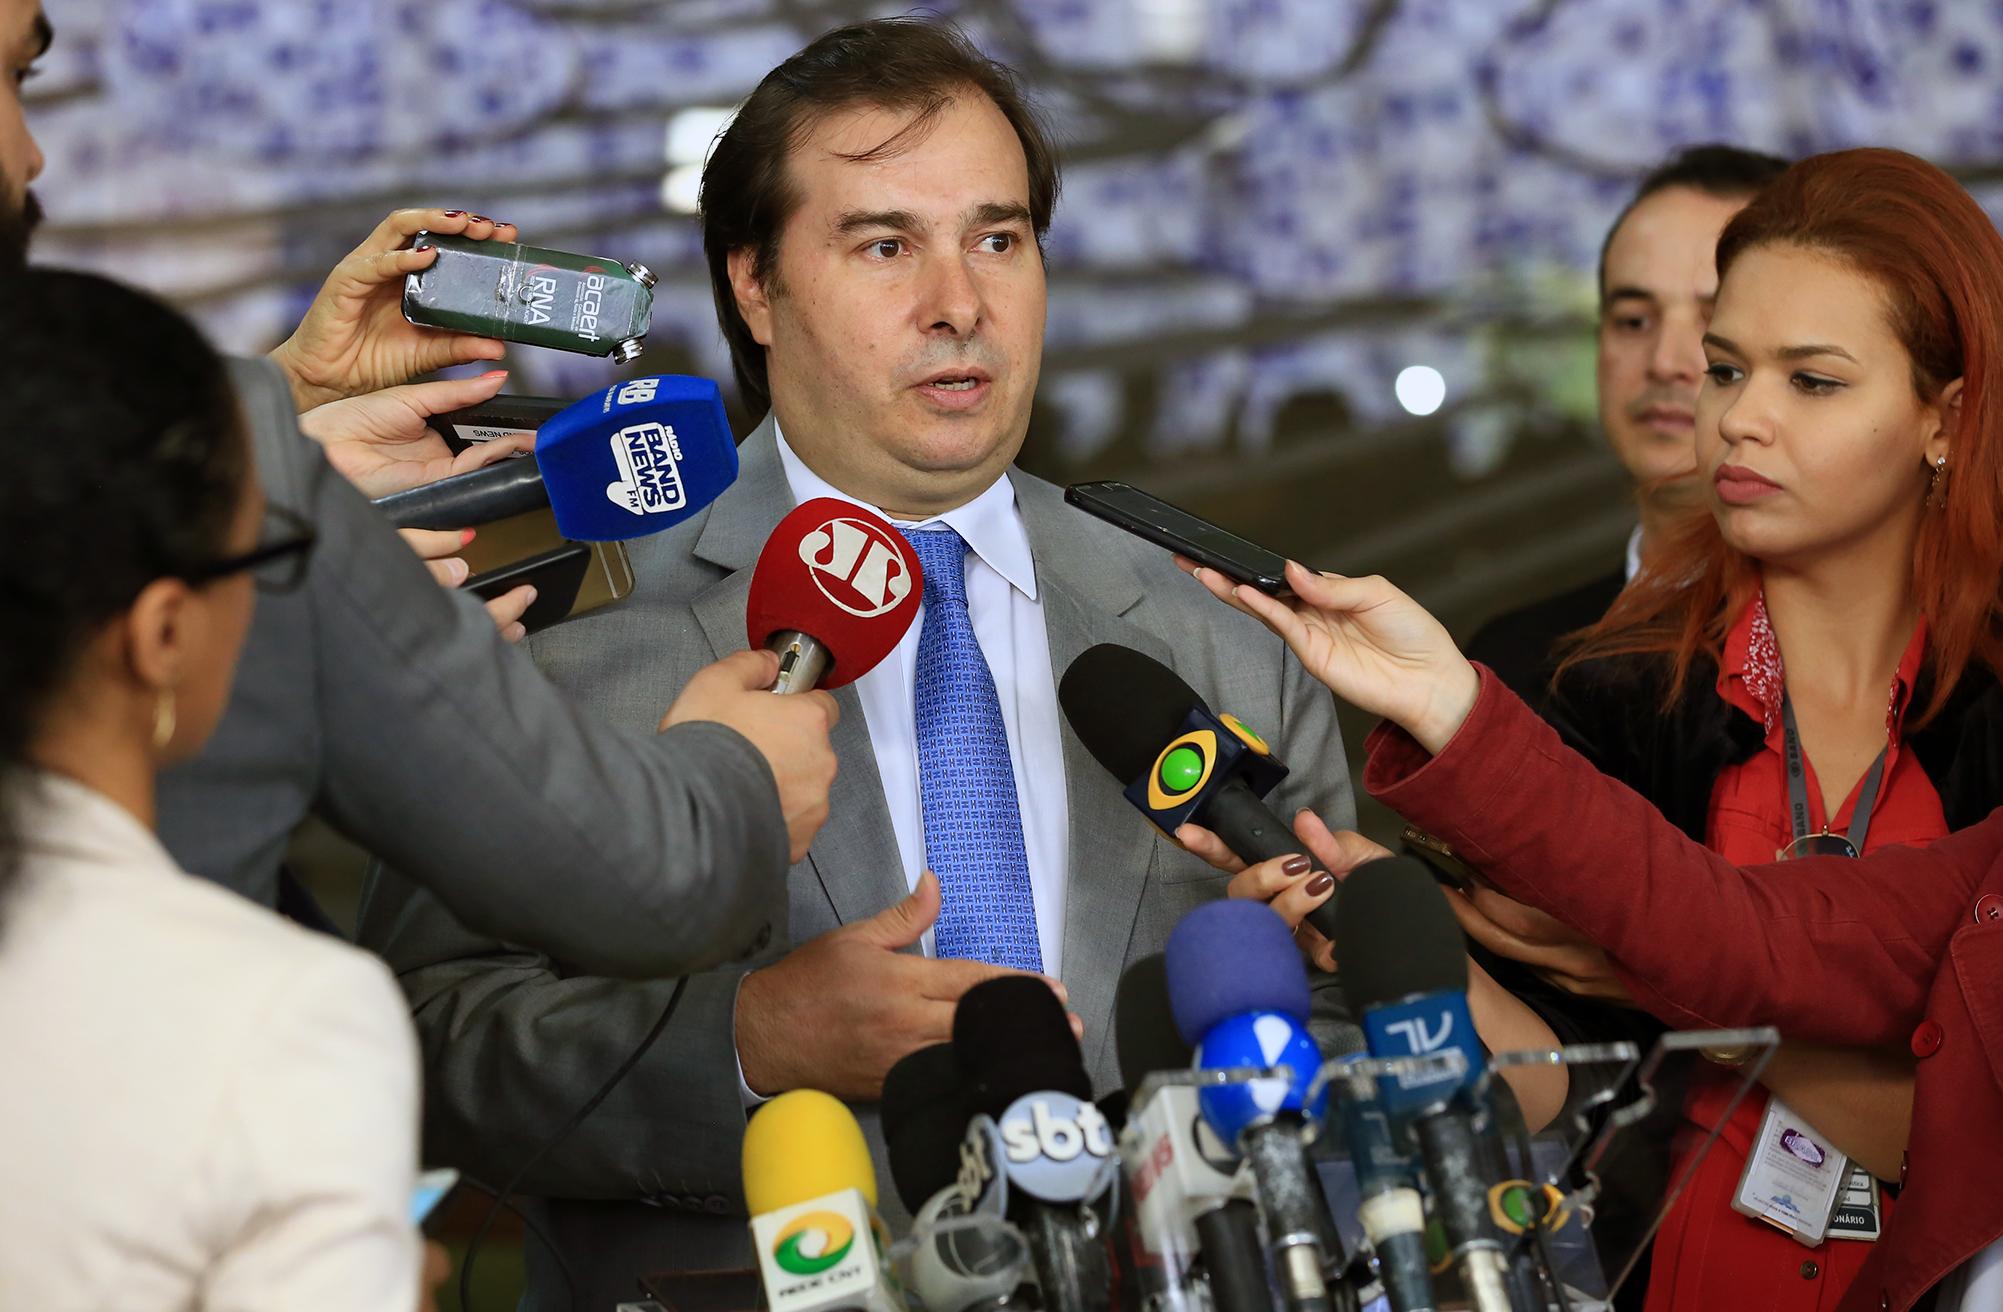 Presidente da câmara dep. Rodrigo Maia concede entrevista